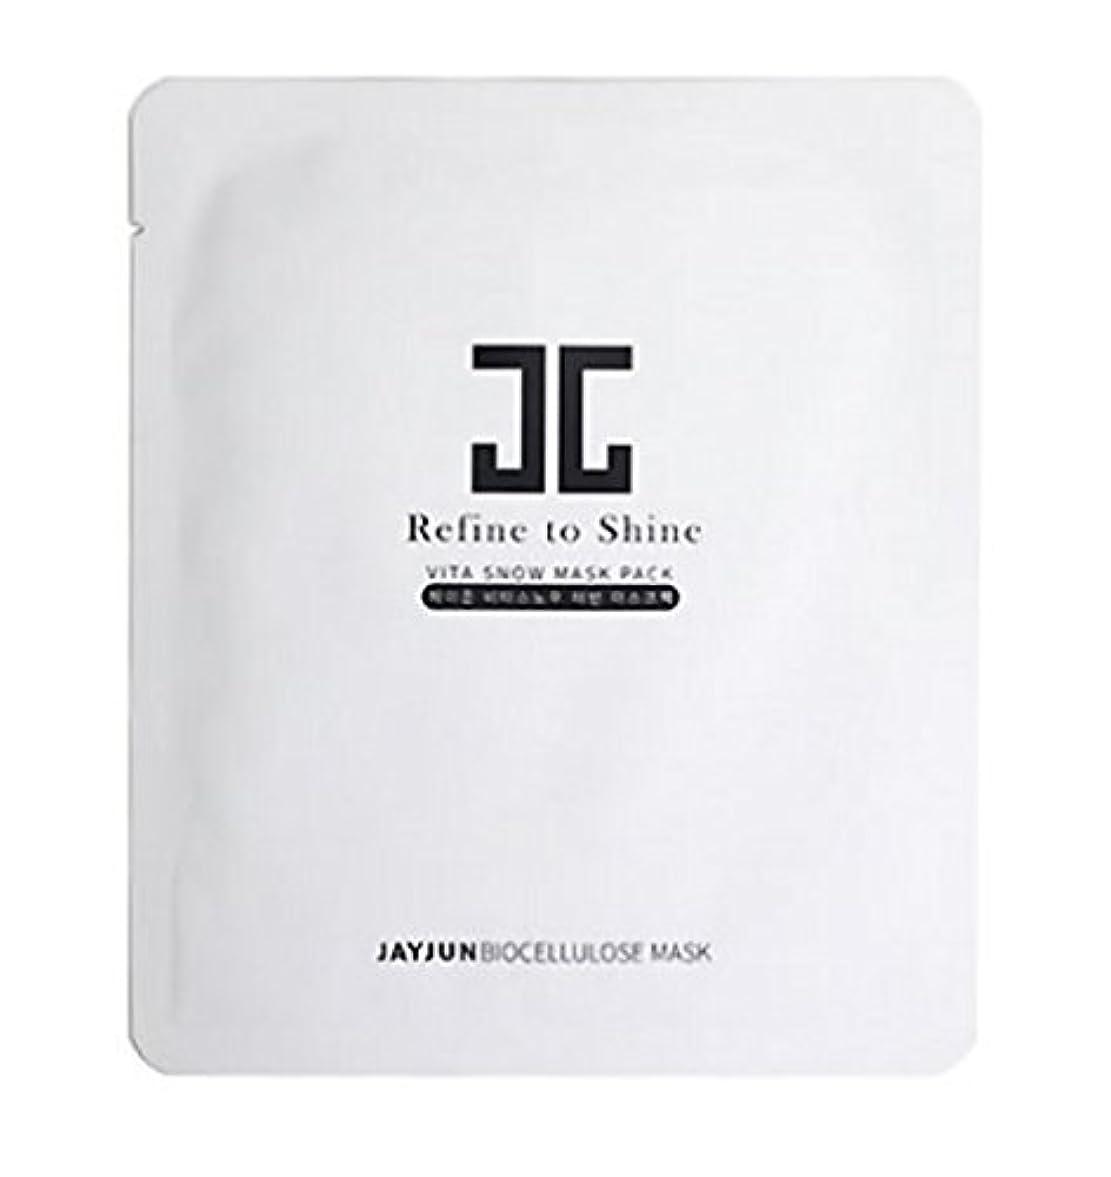 四半期お手入れスピーカーJAYJUN ジェイジュン ヴィタスノー プレミアム バイオセルロース プラセンタフェイシャルマスク[5枚入り]Vita Snow Premium Bio Cellulose placenta Facial Mask [...